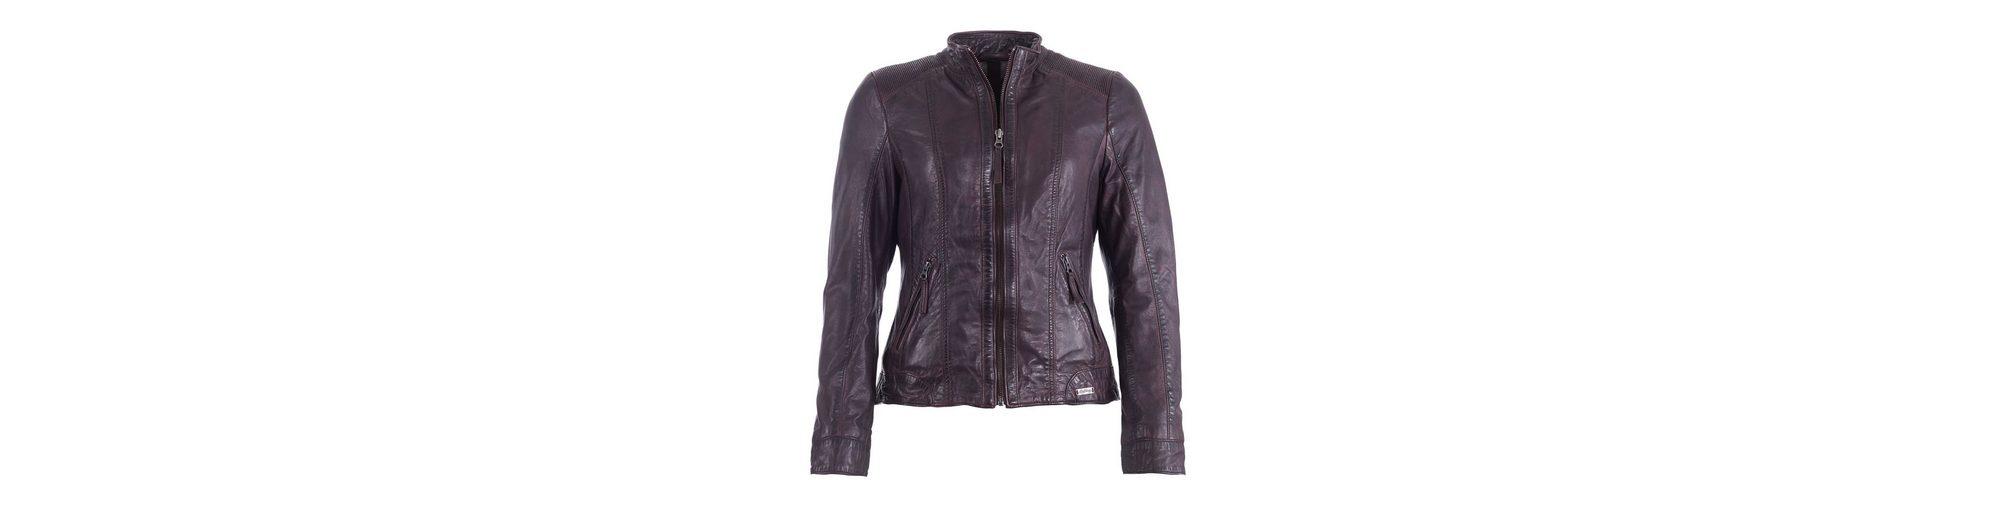 Mustang Lederjacke Beatrice Outlet-Store Online-Verkauf Billig Verkauf Zuverlässig Kaufen Wirklich Billig yLs4tsjmc